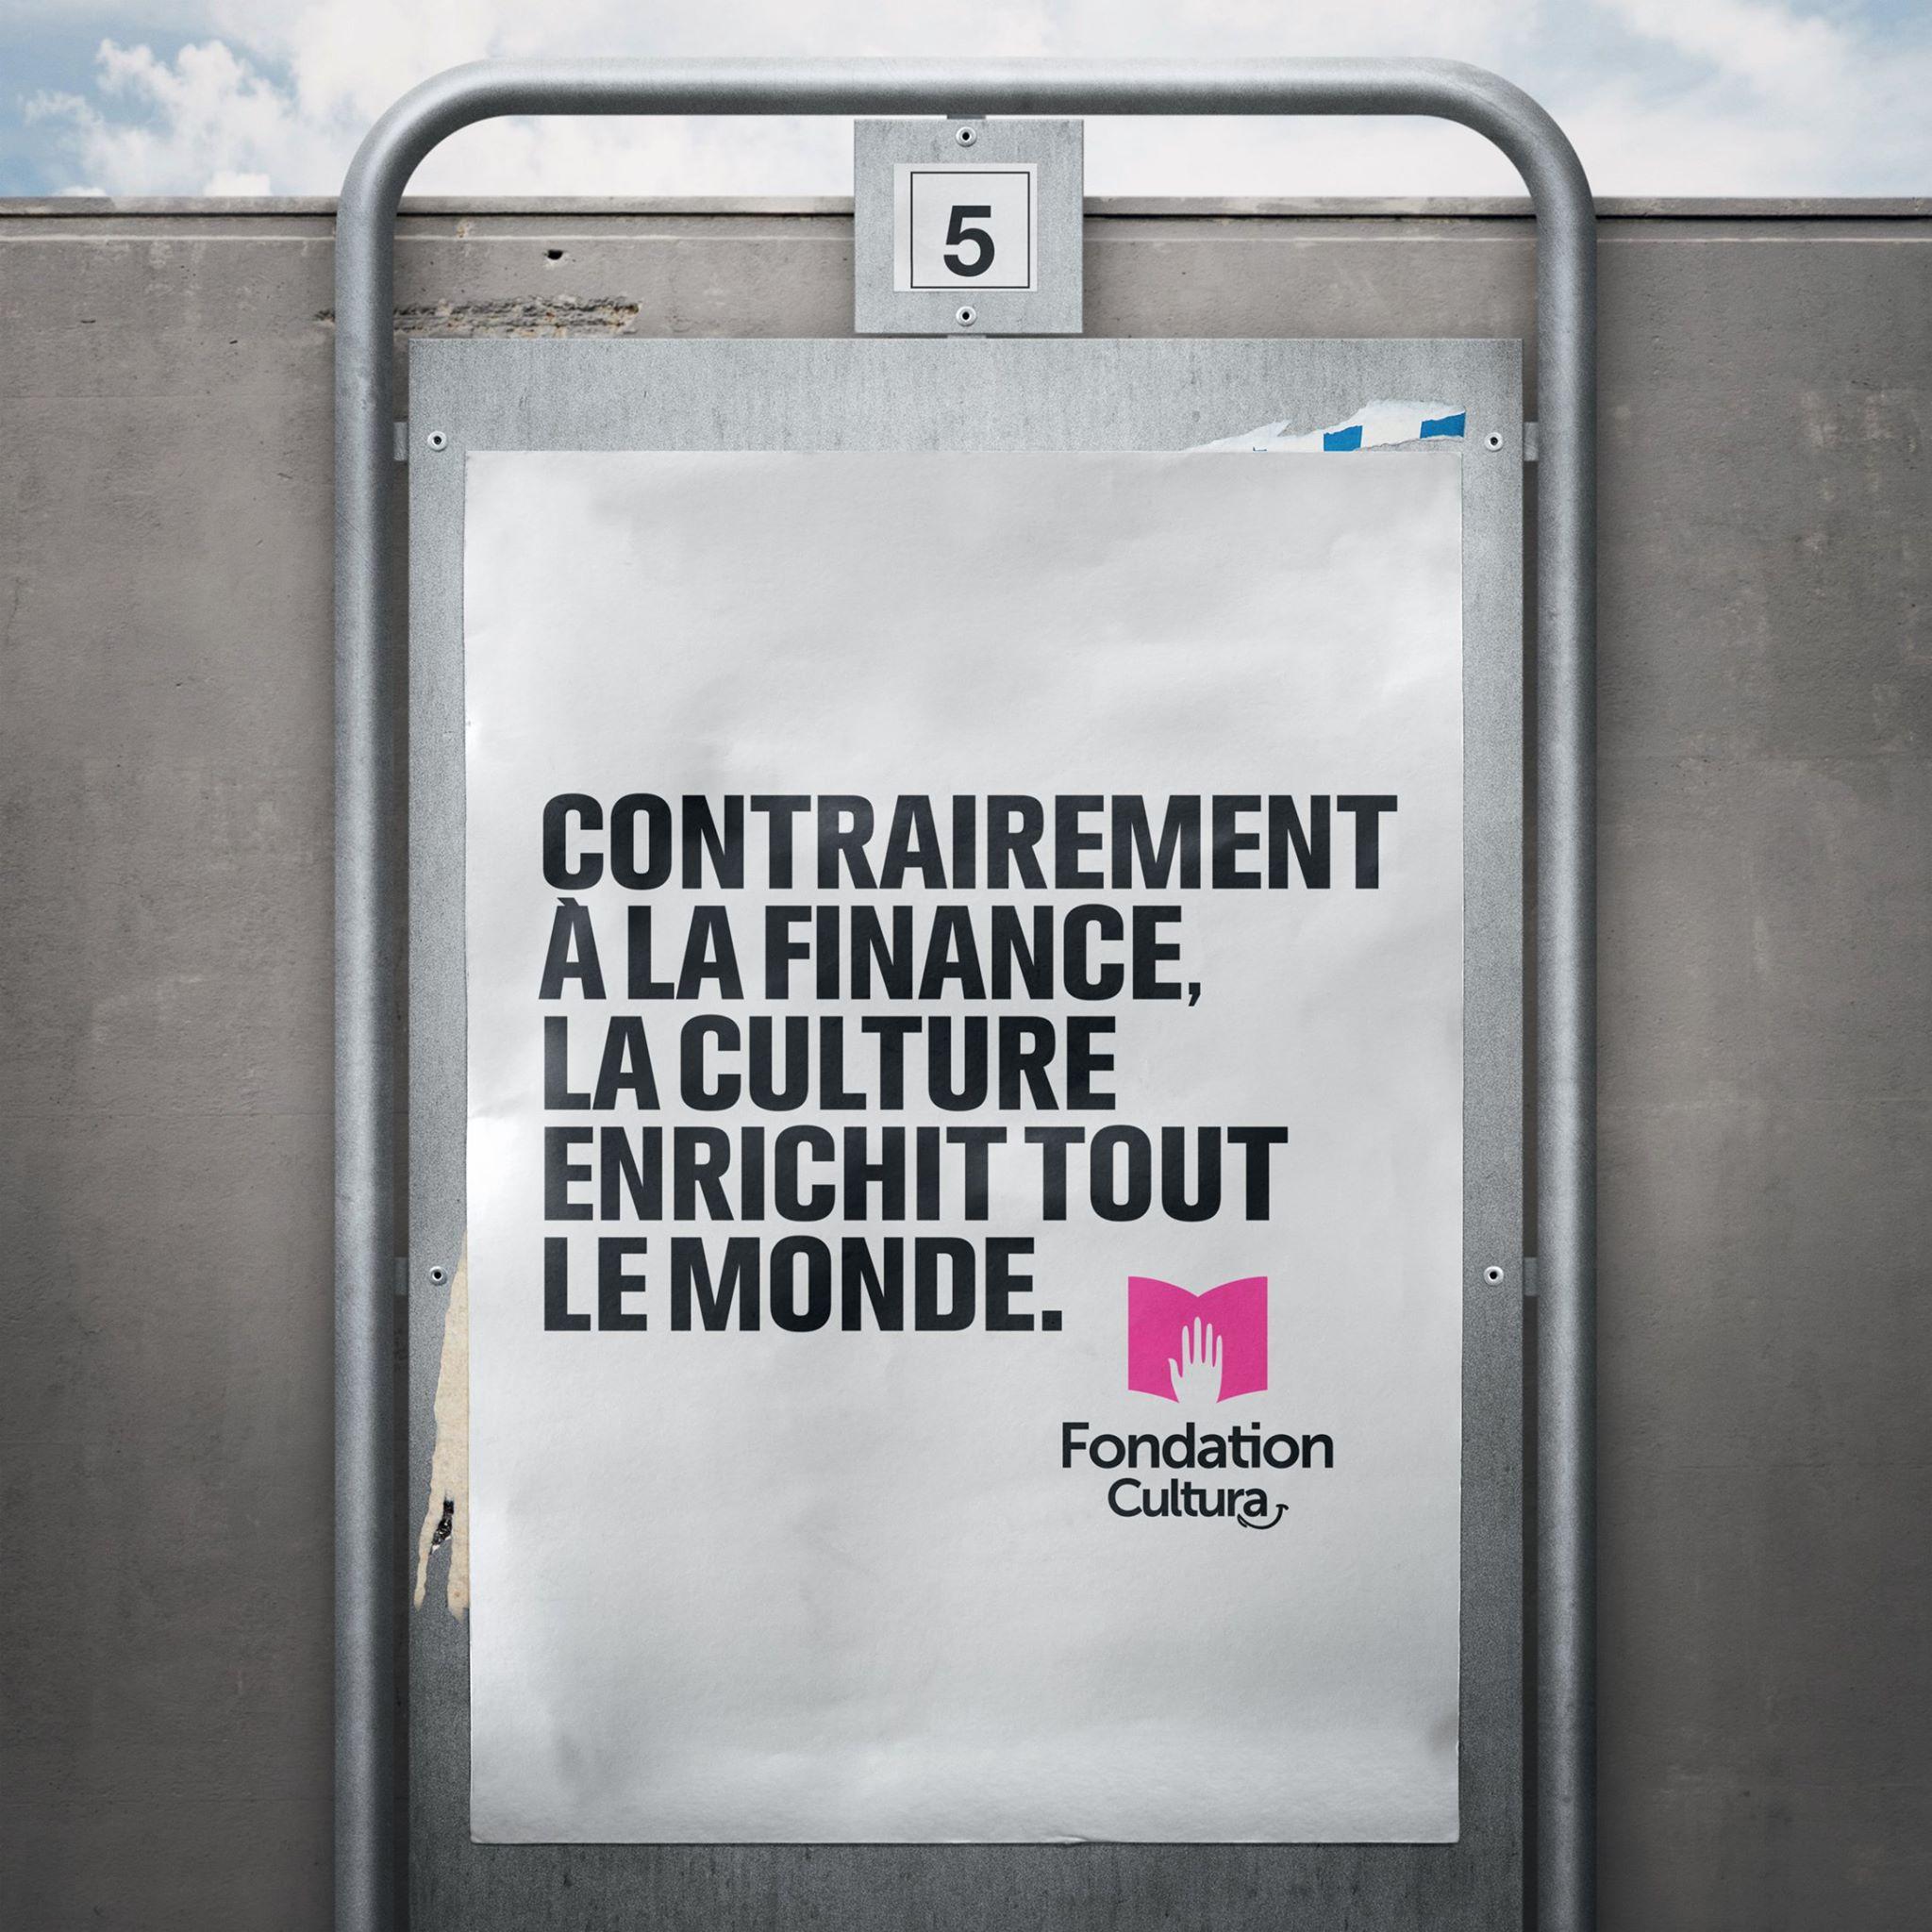 fondation-cultura-publicite-communication-affiche-la-culture-presidentielle-2017-candidats-agence-st-johns-4